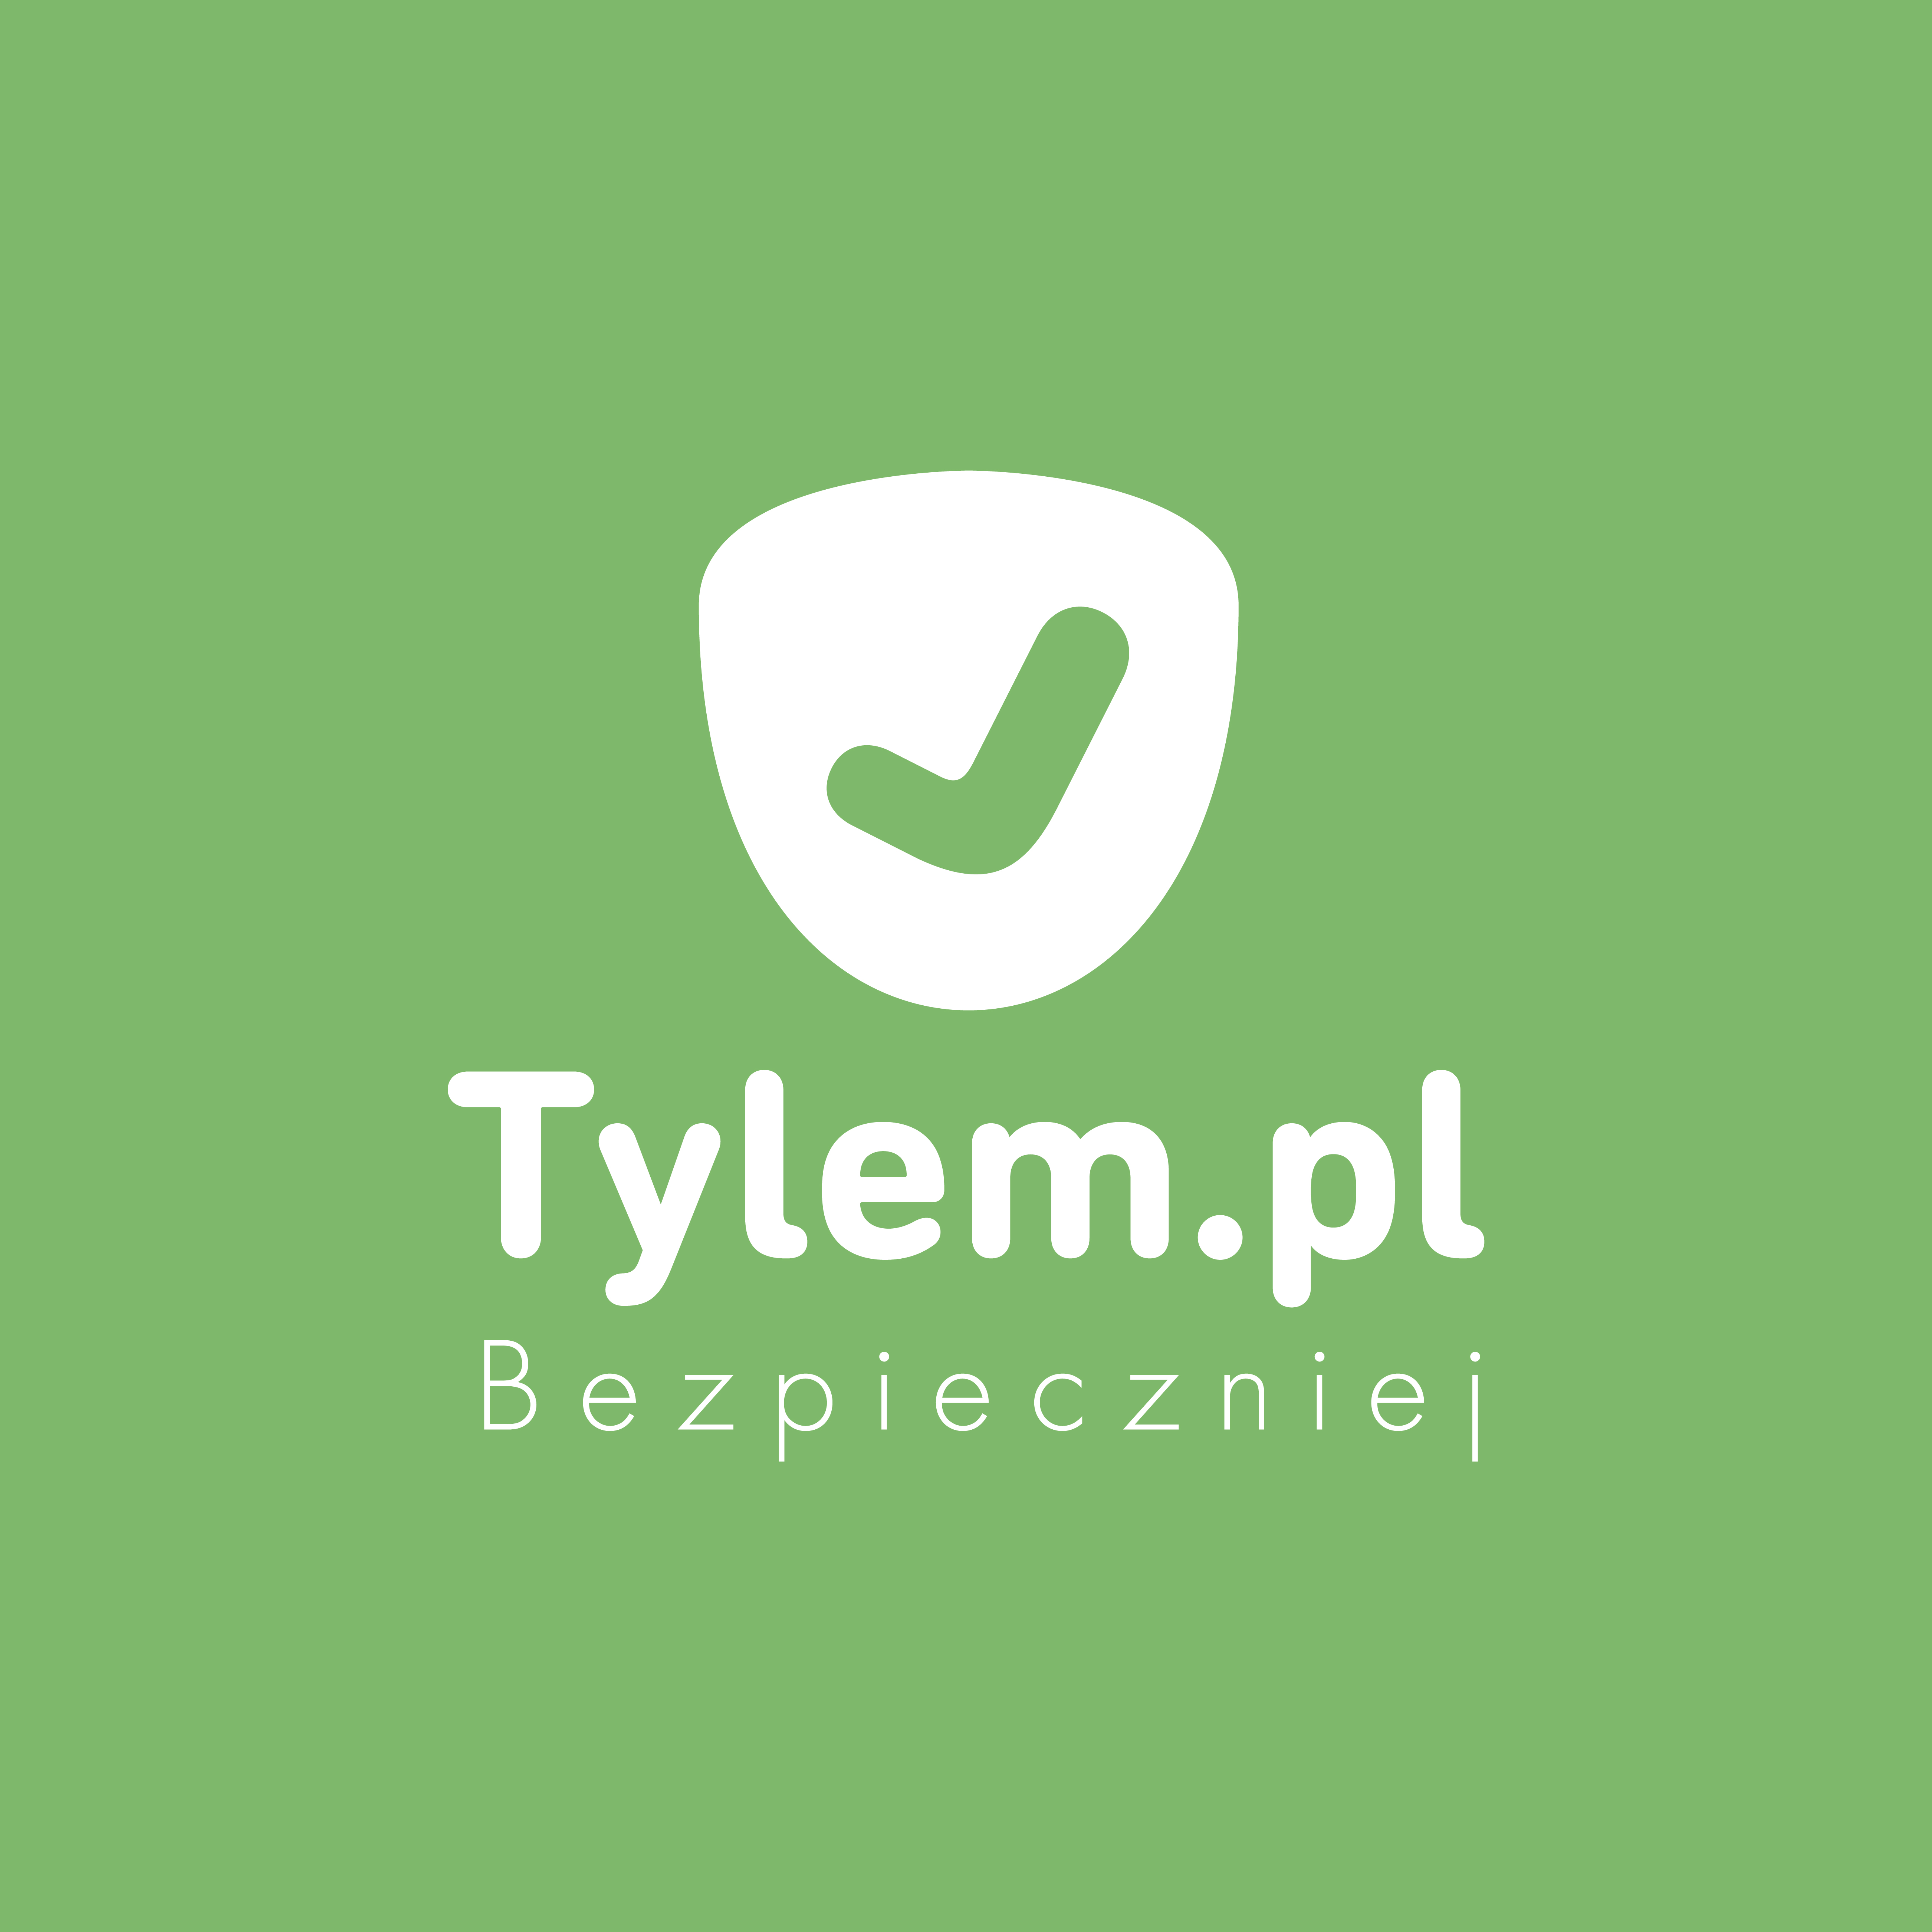 tylem.pl